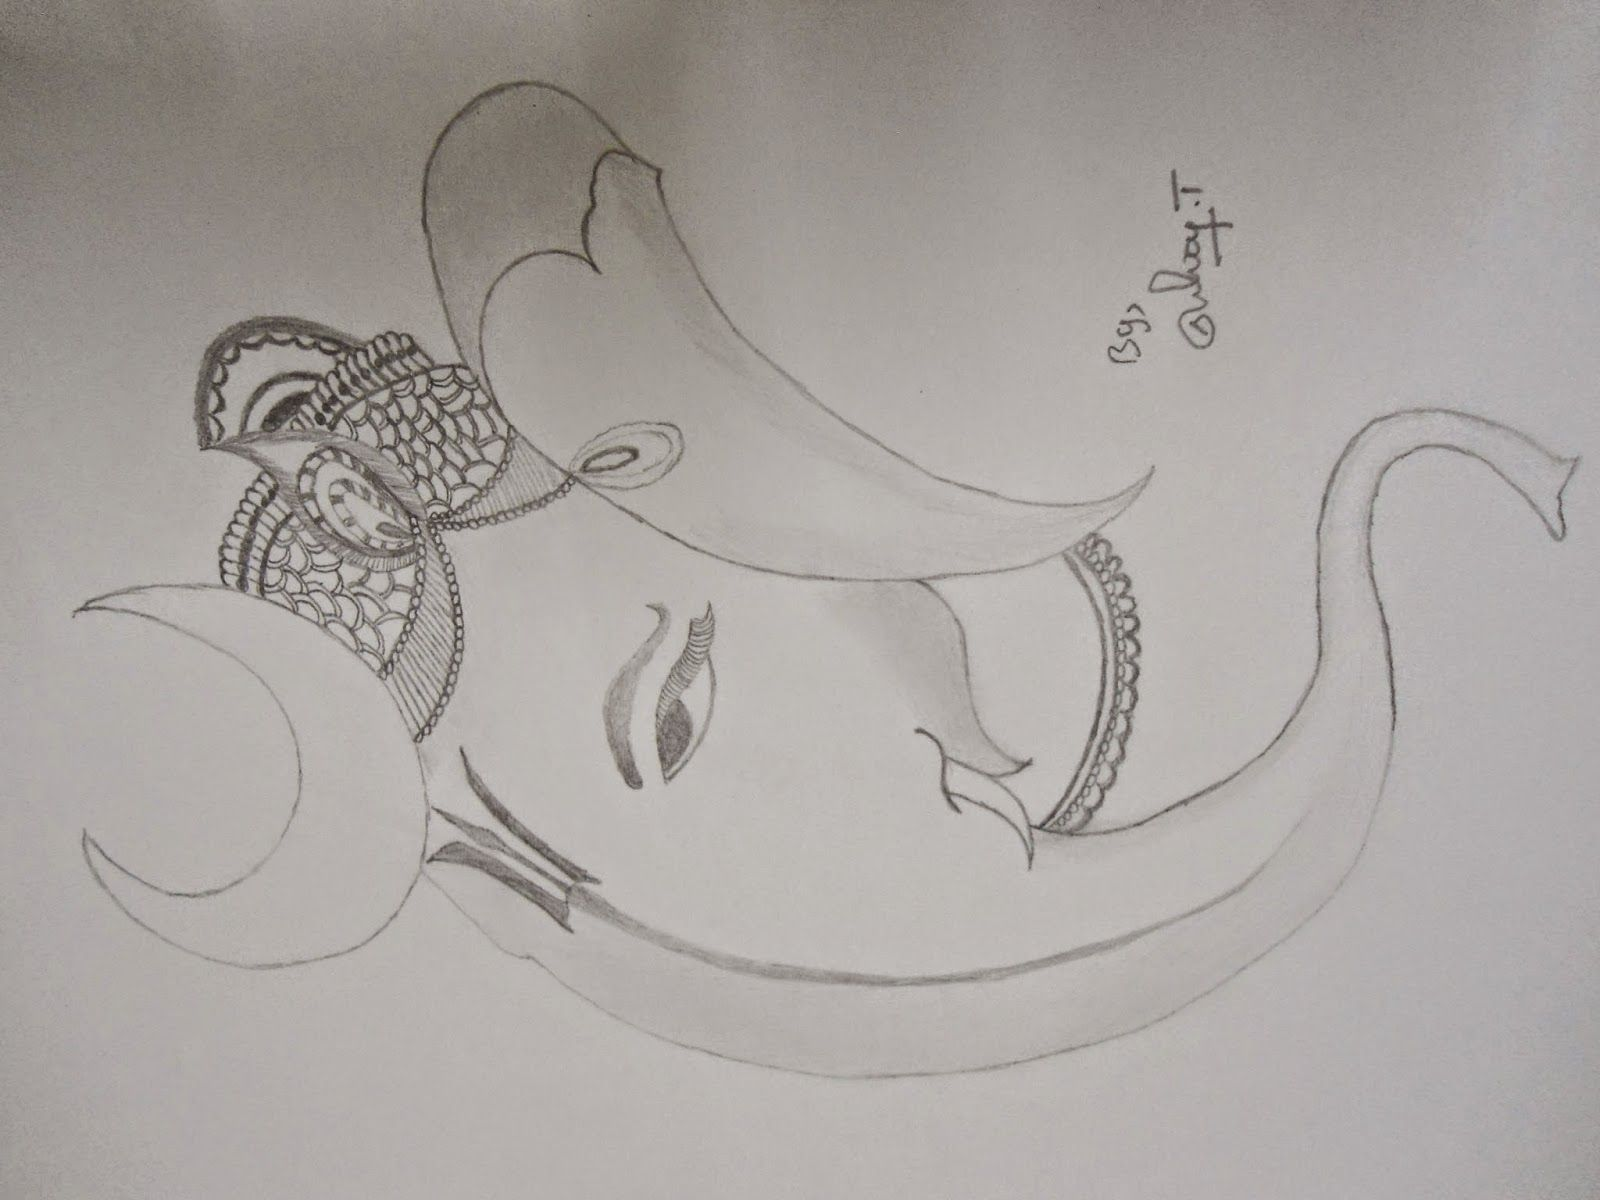 Ganapathi pencil drawings lord ganesha pencil sketch ganapathy image 3